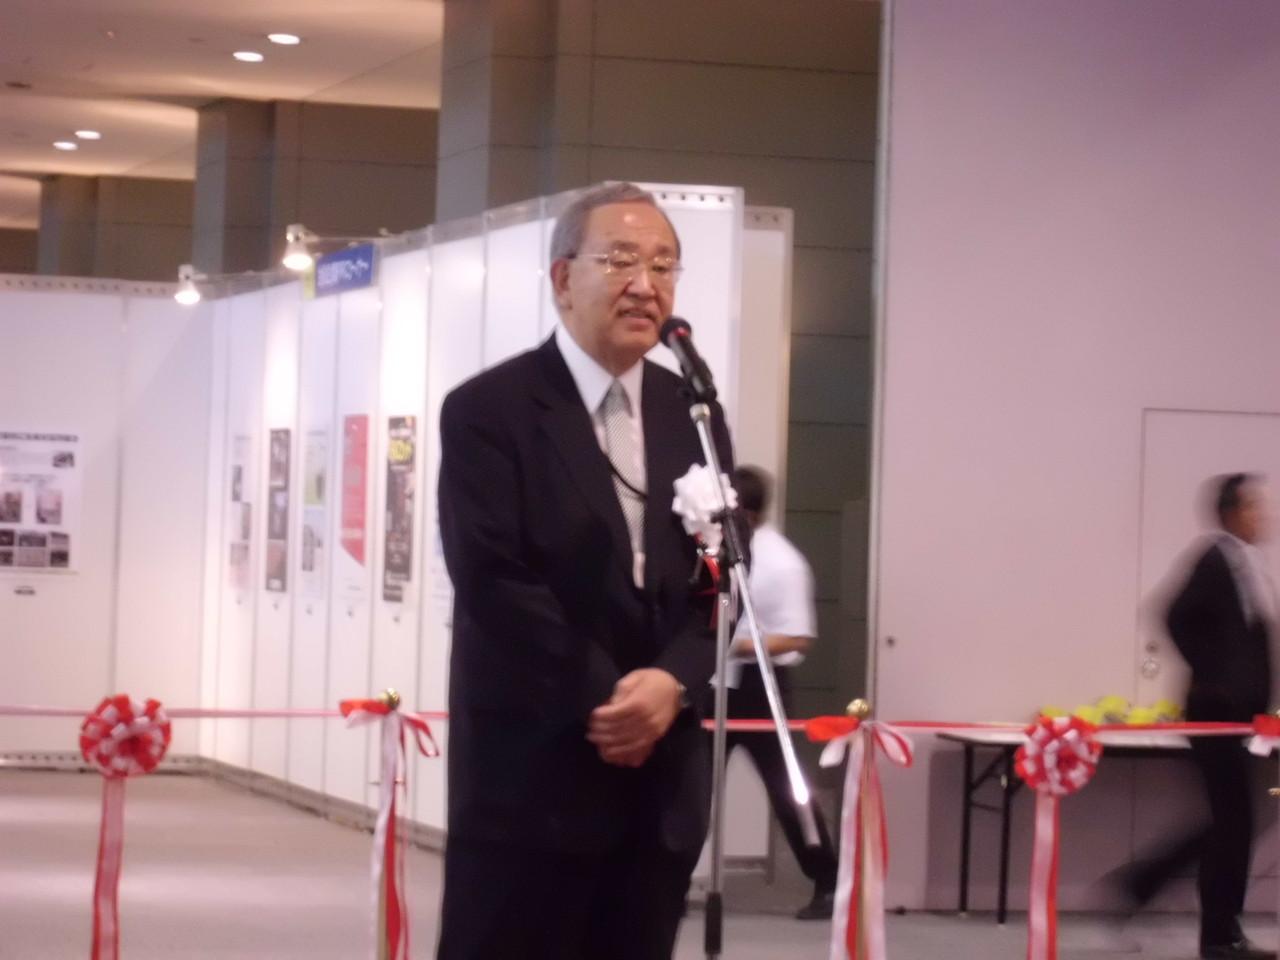 オープニングは近広連原田会長の挨拶から